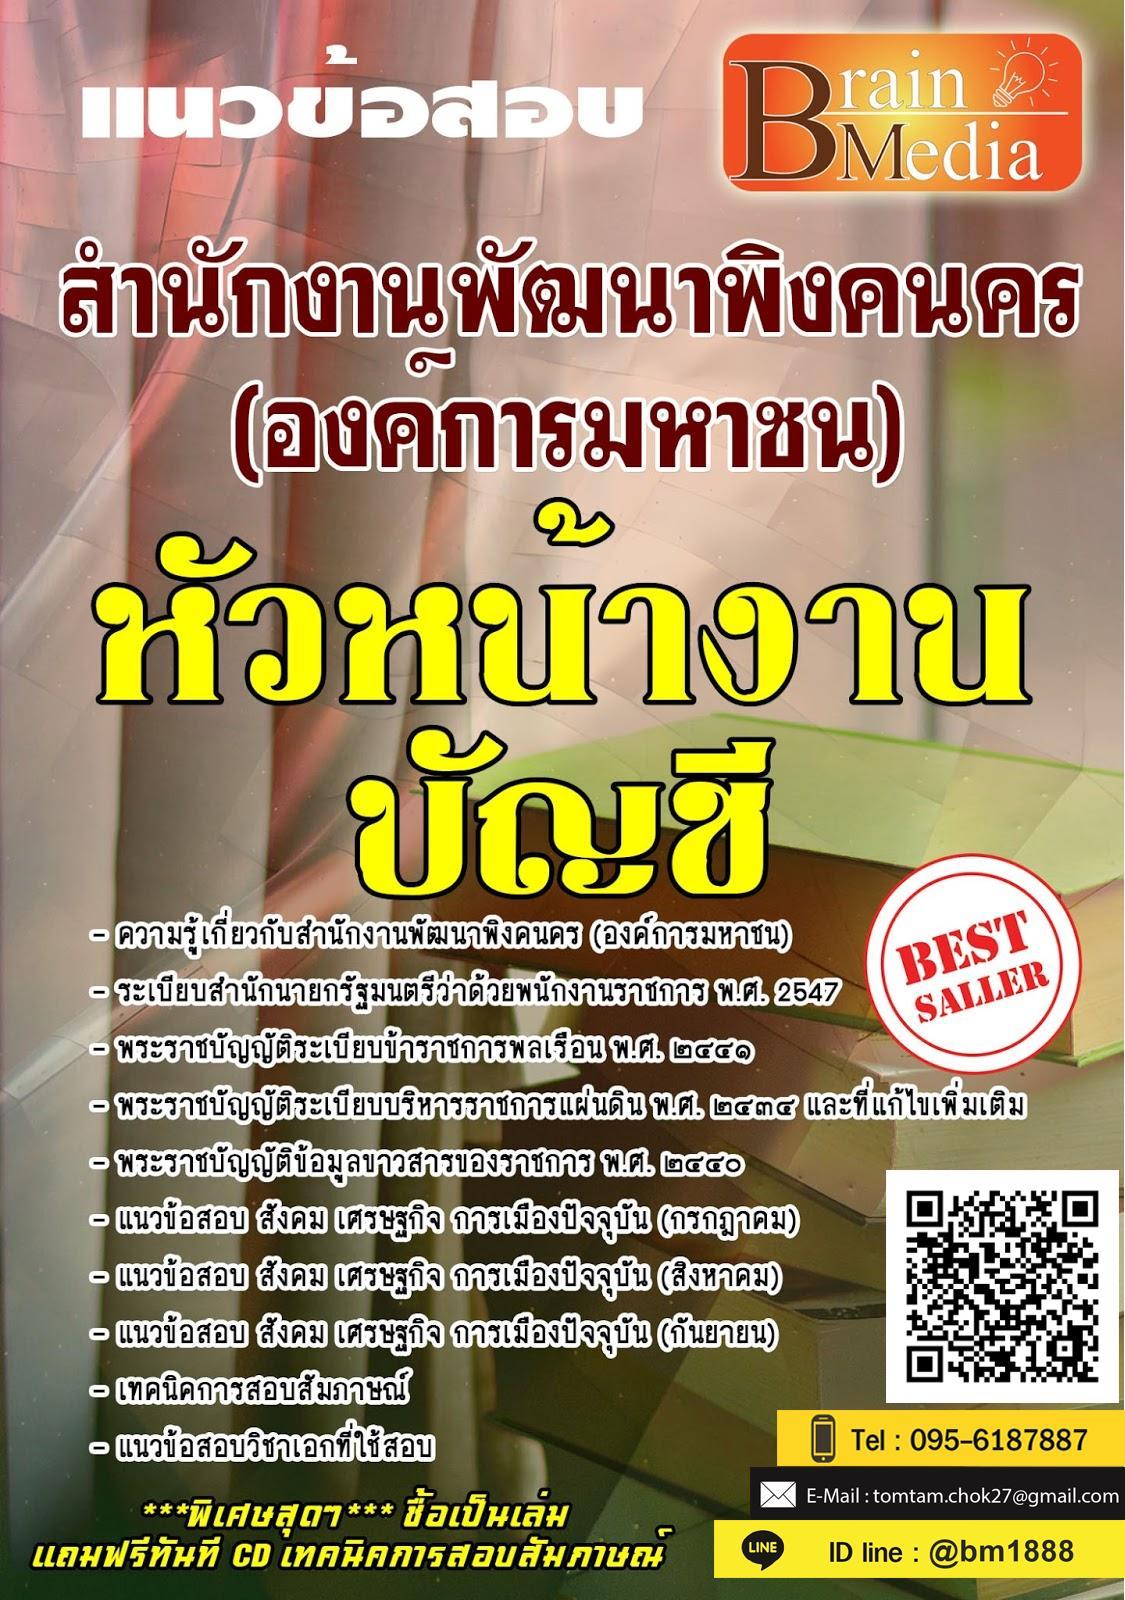 สรุปแนวข้อสอบพร้อมเฉลย หัวหน้างานบัญชี สำนักงานพัฒนาพิงคนคร (องค์การมหาชน)